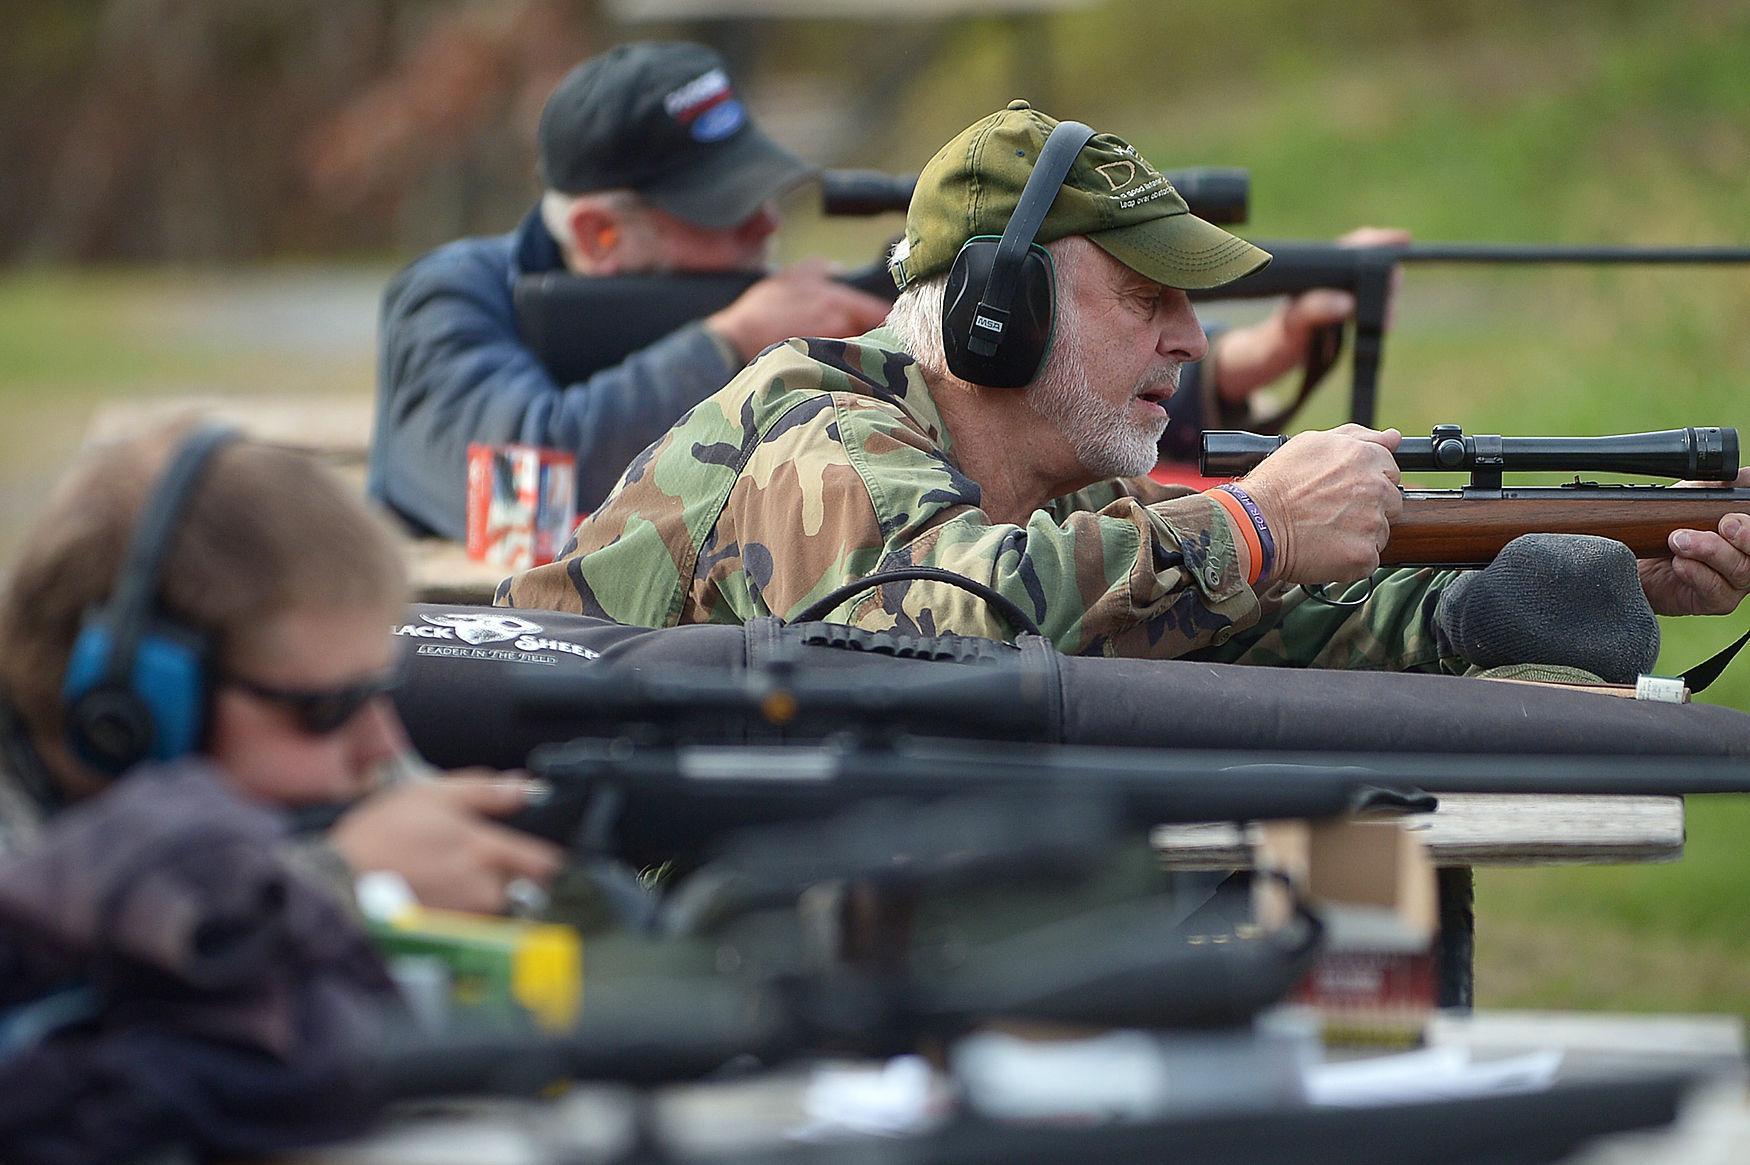 Pa state game lands shooting range near me